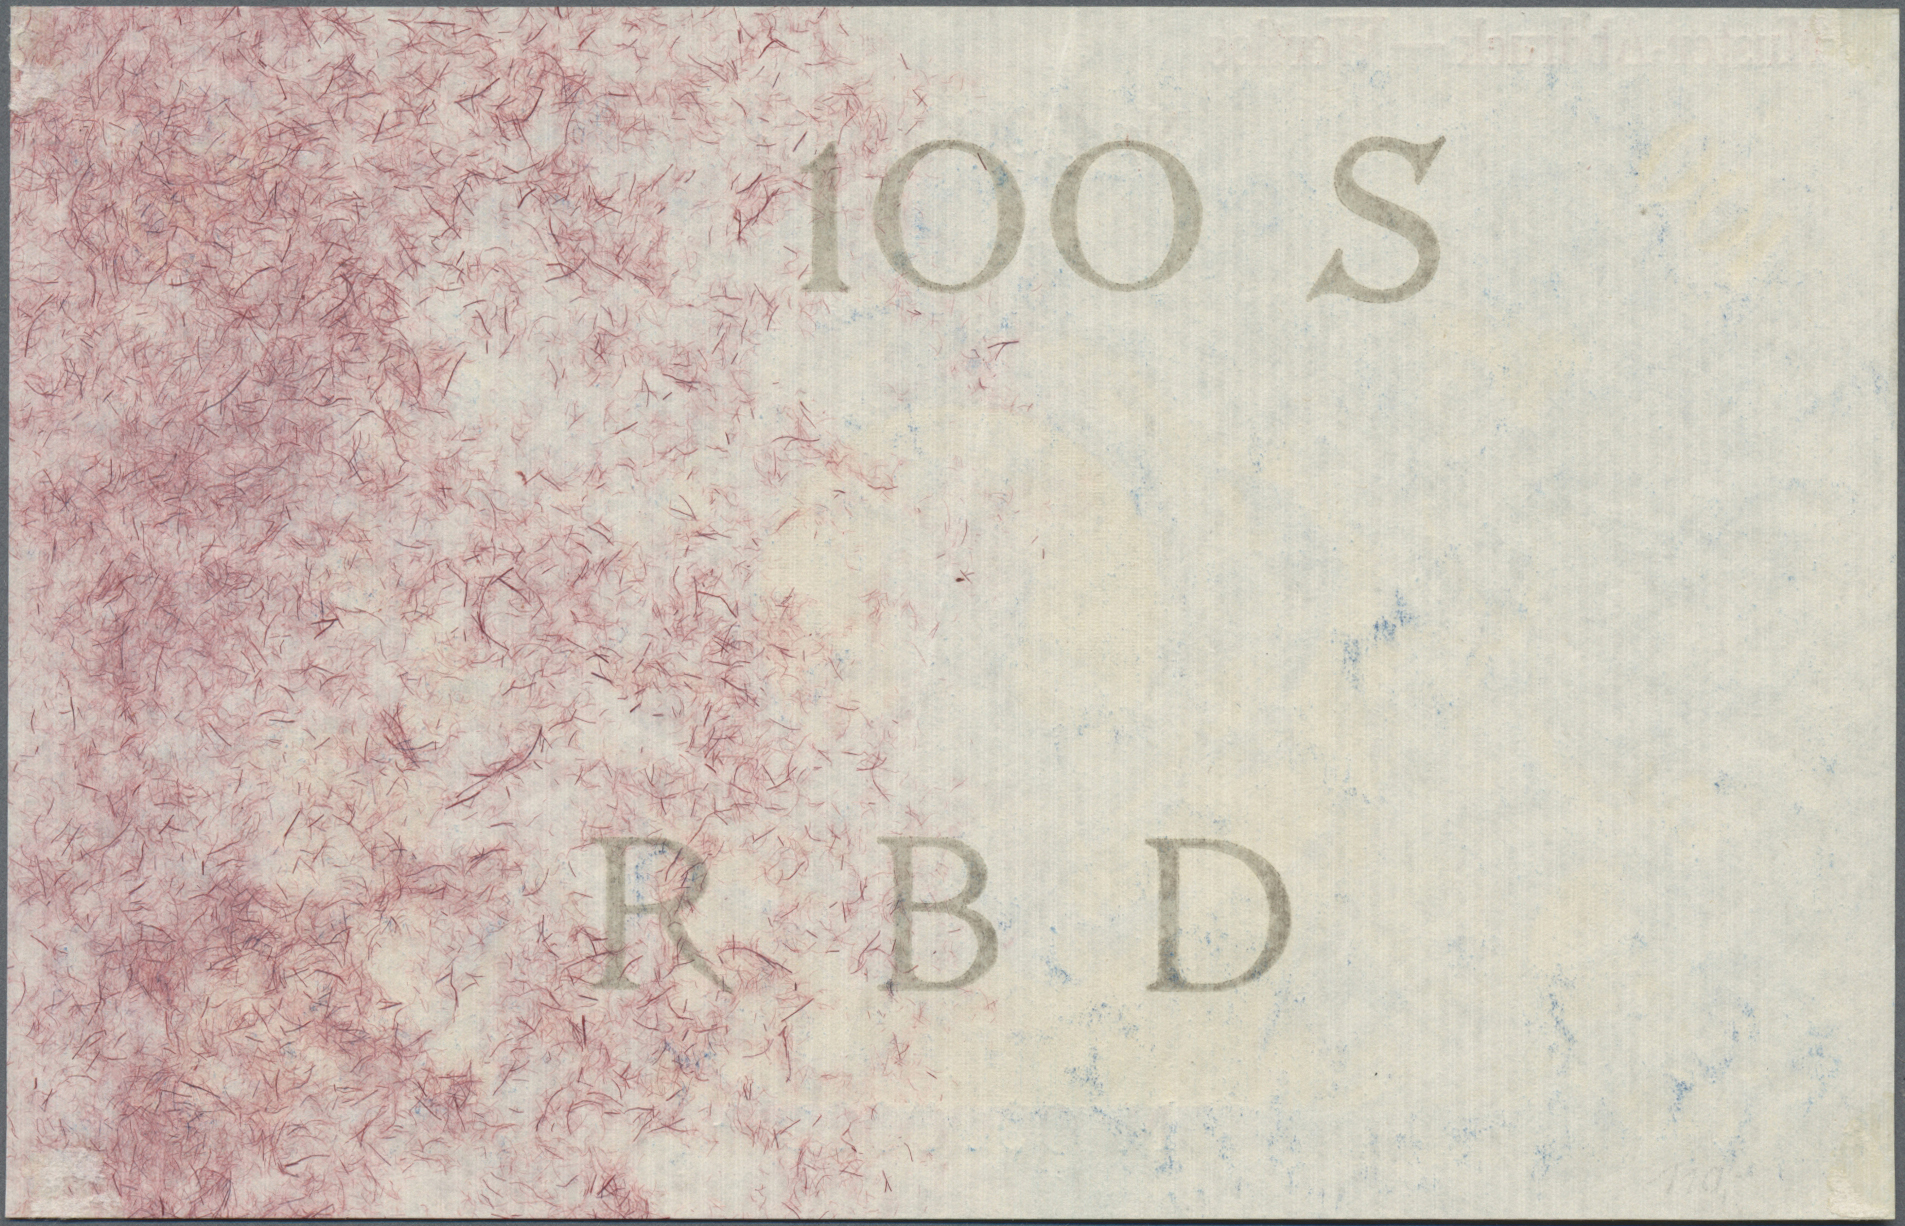 Lot 03321 - Deutschland - Deutsches Reich bis 1945 | Banknoten  -  Auktionshaus Christoph Gärtner GmbH & Co. KG Sale #45 Banknotes Germany/Numismatics